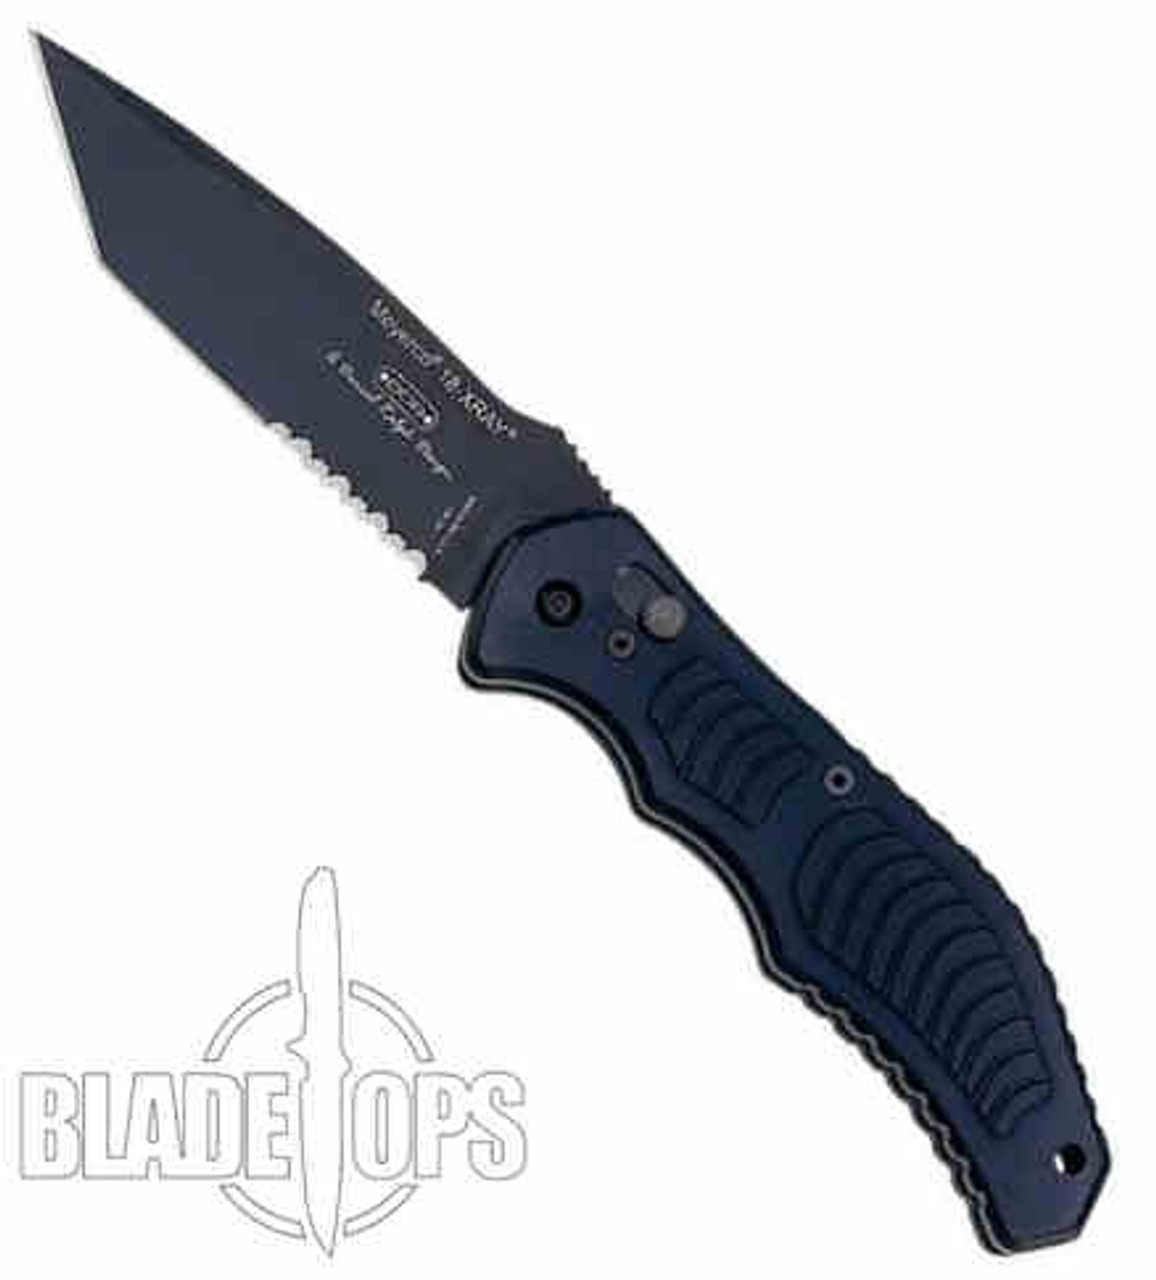 Meyerco X Ray 18 Auto Tanto Point Knife, BLK/PS, MFXRAY3